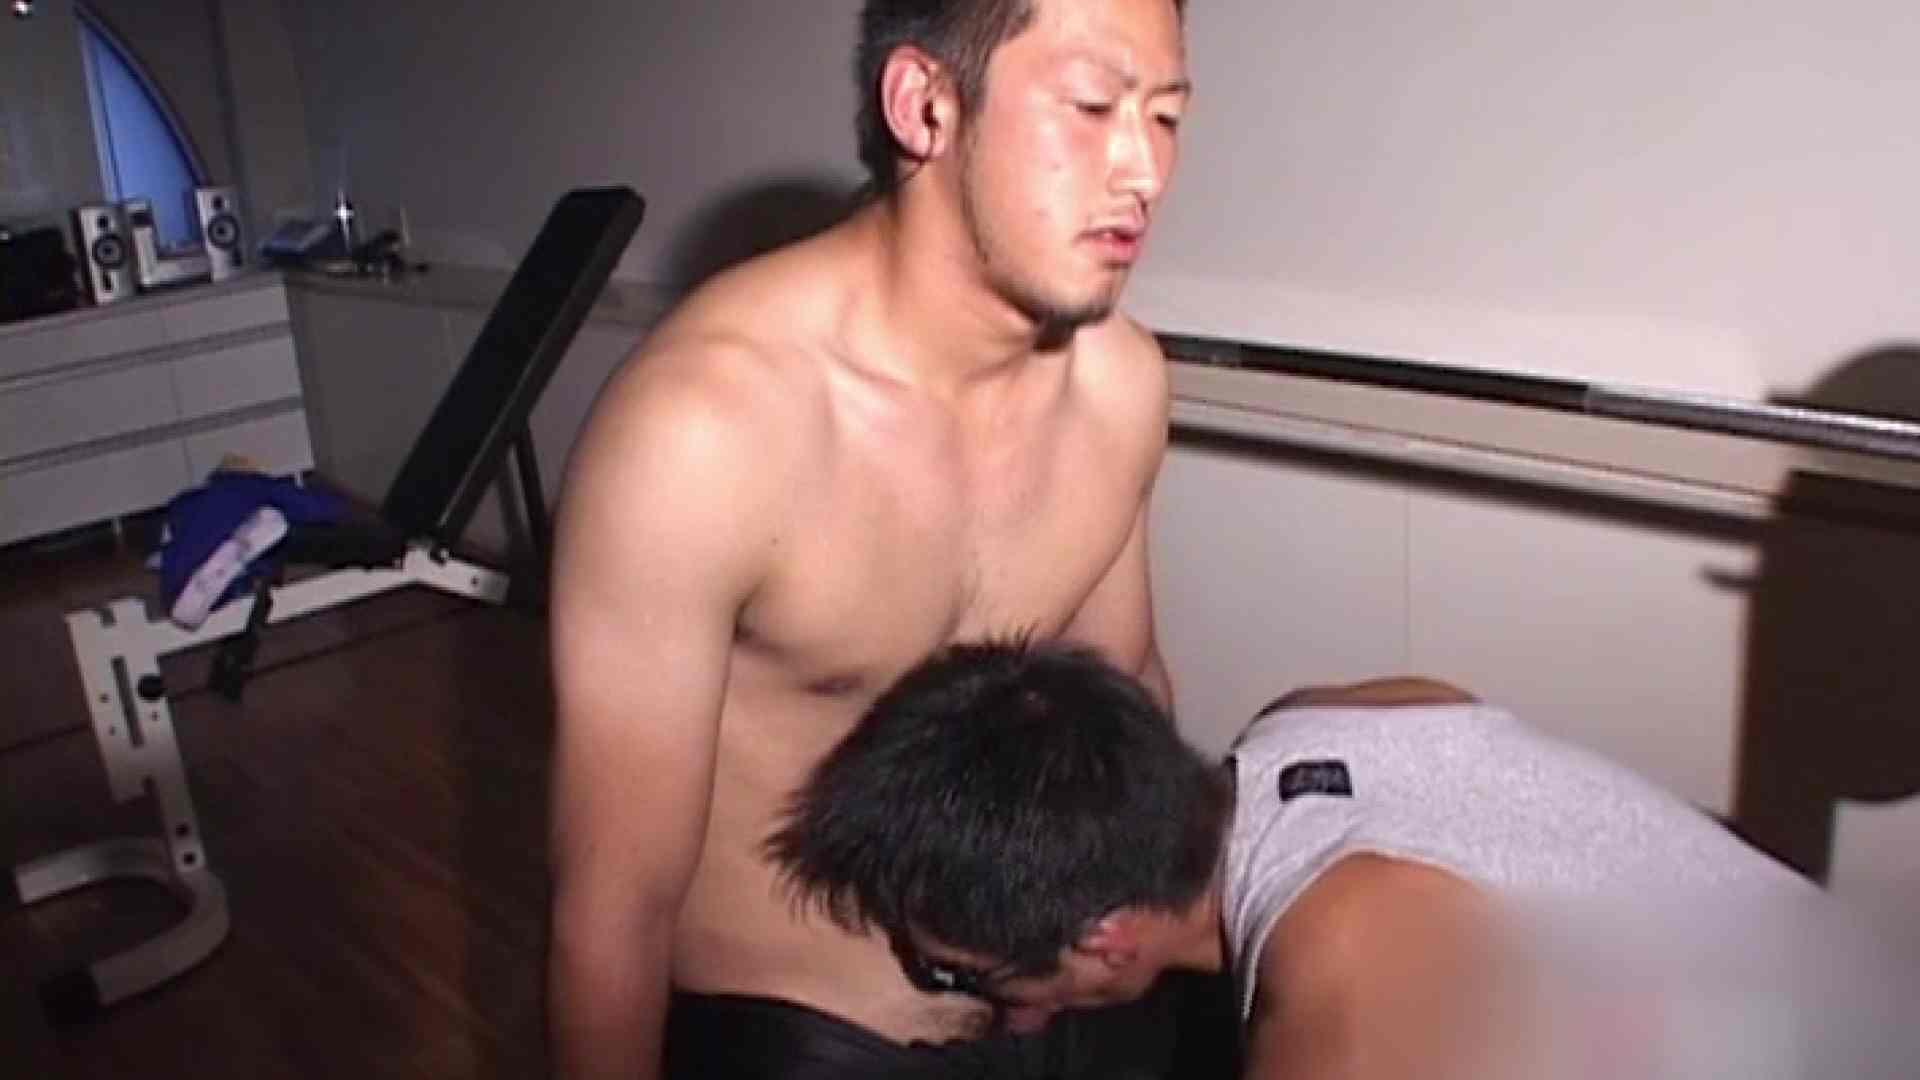 珍肉も筋肉の内!!vol.1 男祭り しりまんこ画像 102枚 58